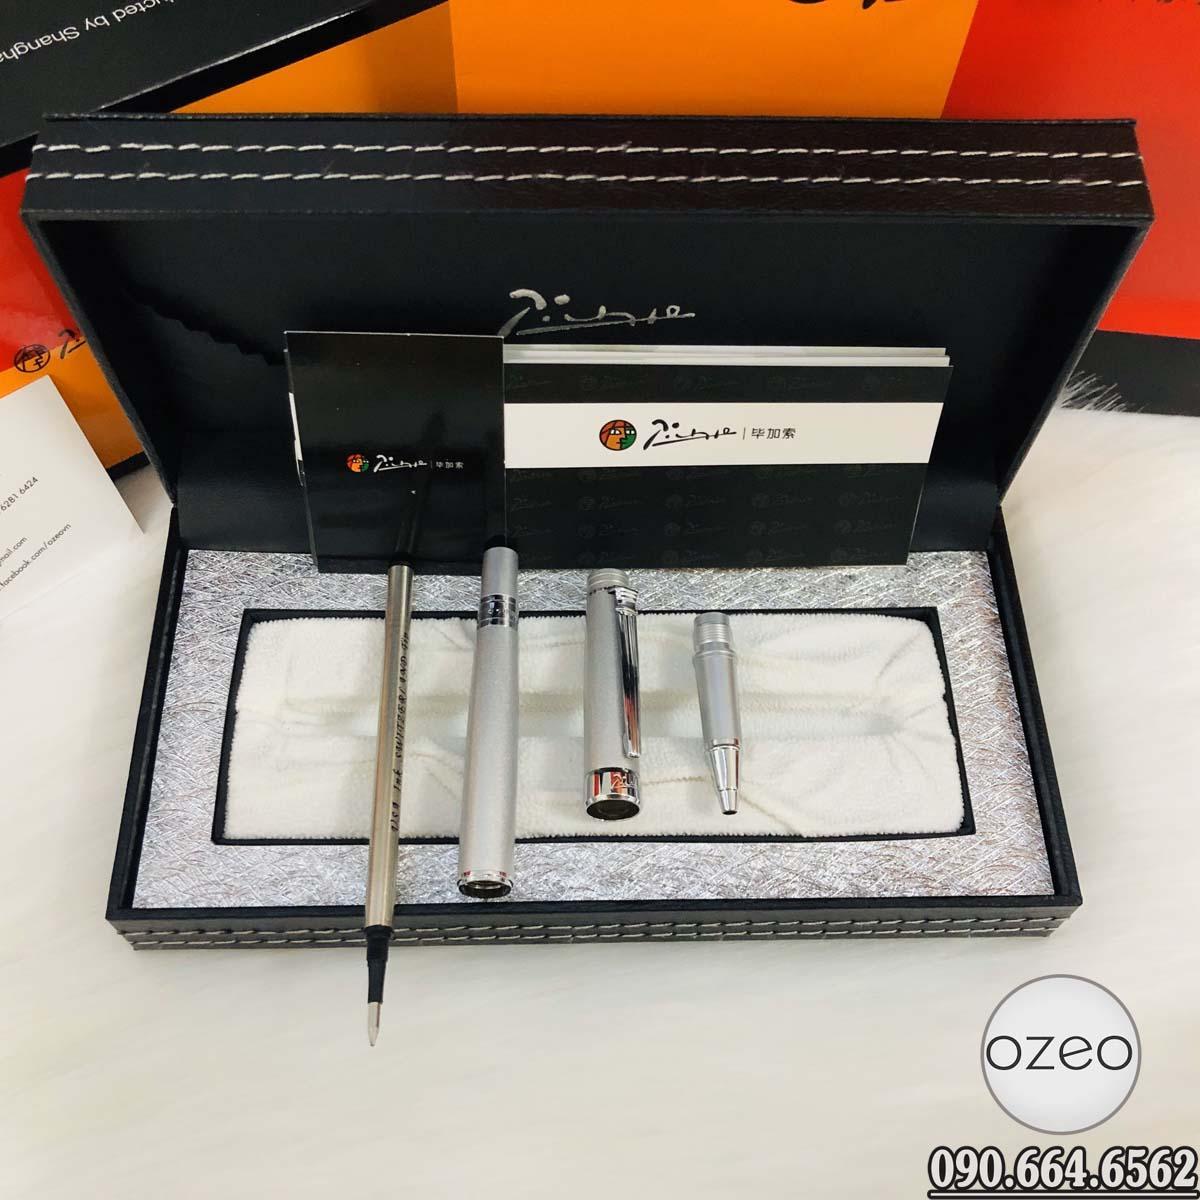 Chi tiết cấu tạo của bút dạ bi Picasso 917T